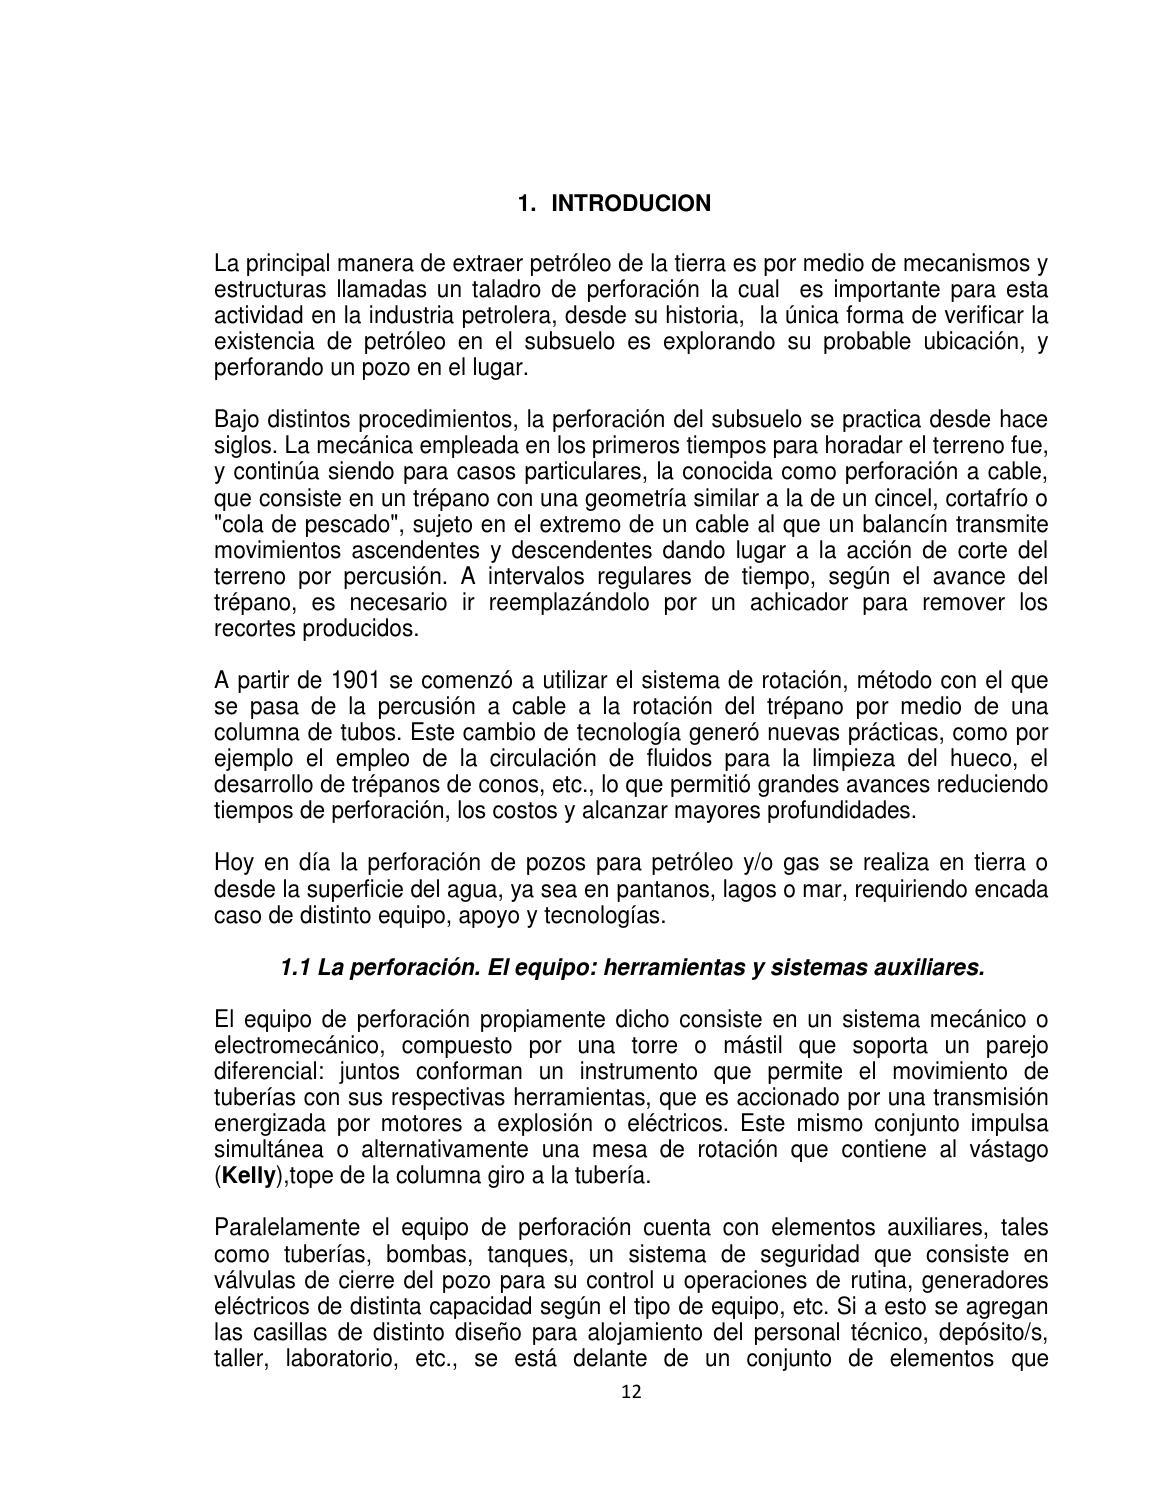 REACONDICIONAMIENTO DE AULA DE PERFORACION by Coinspetrol Ltda - issuu